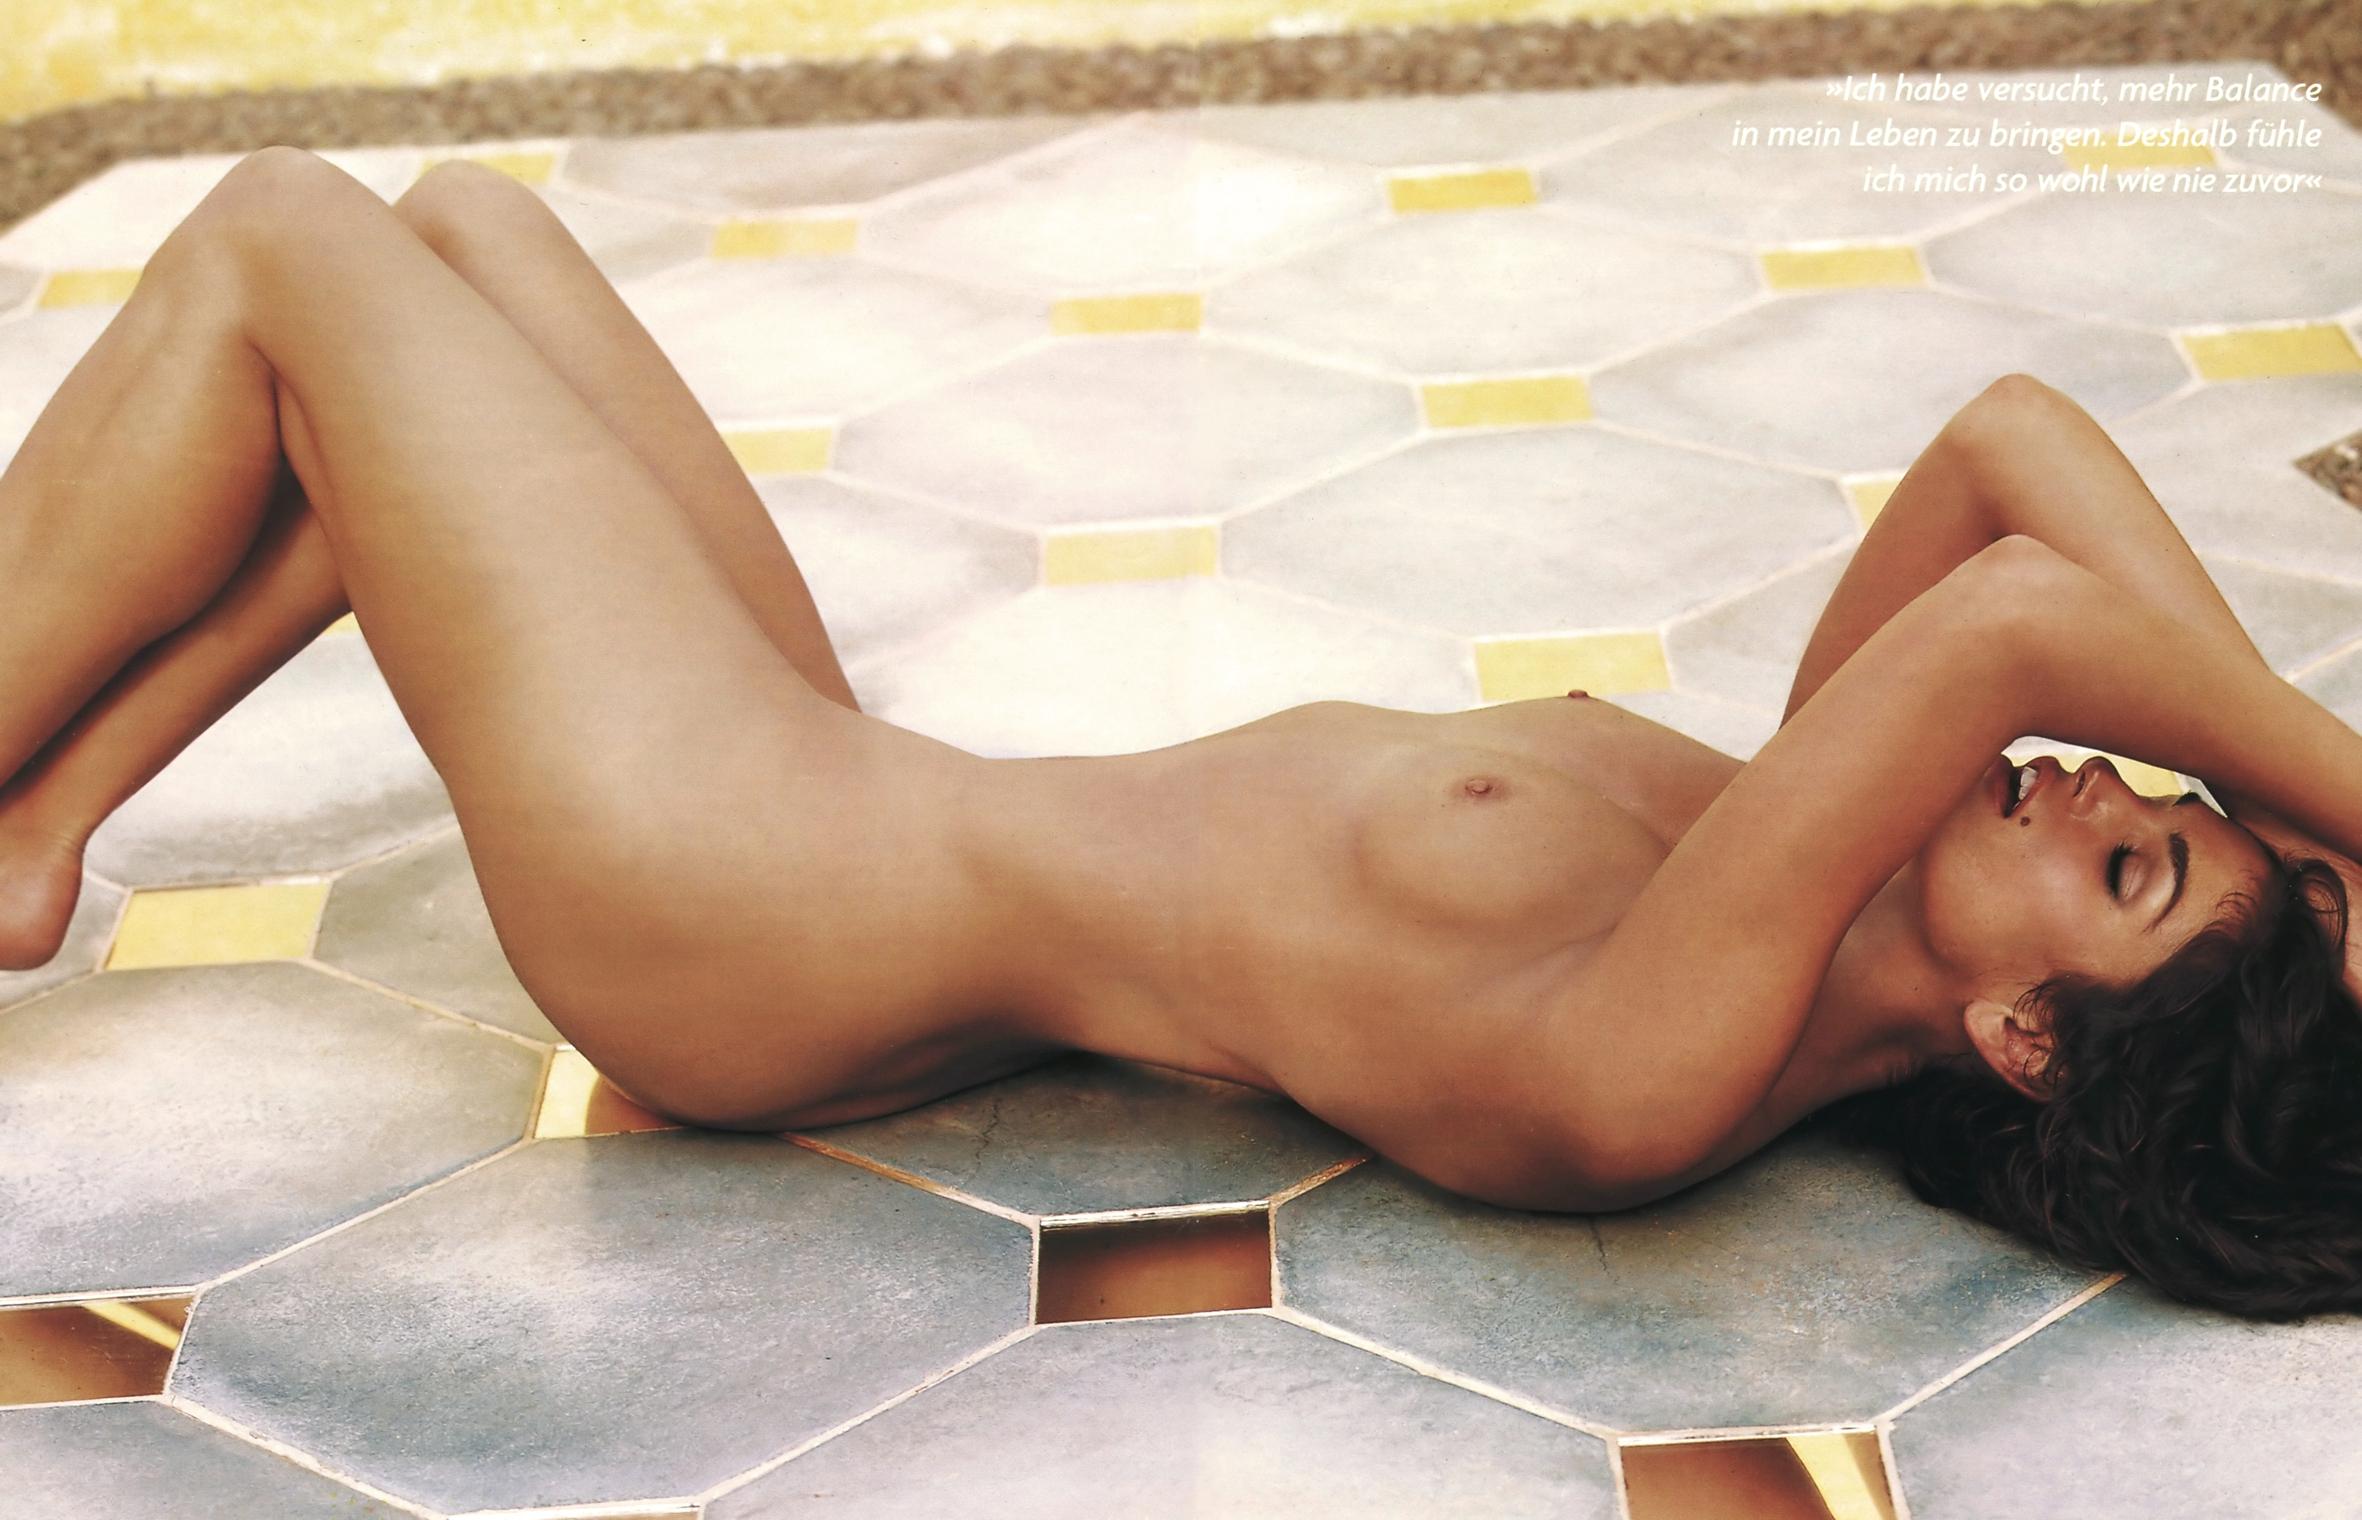 Синтия кроуфорд порно 23 фотография